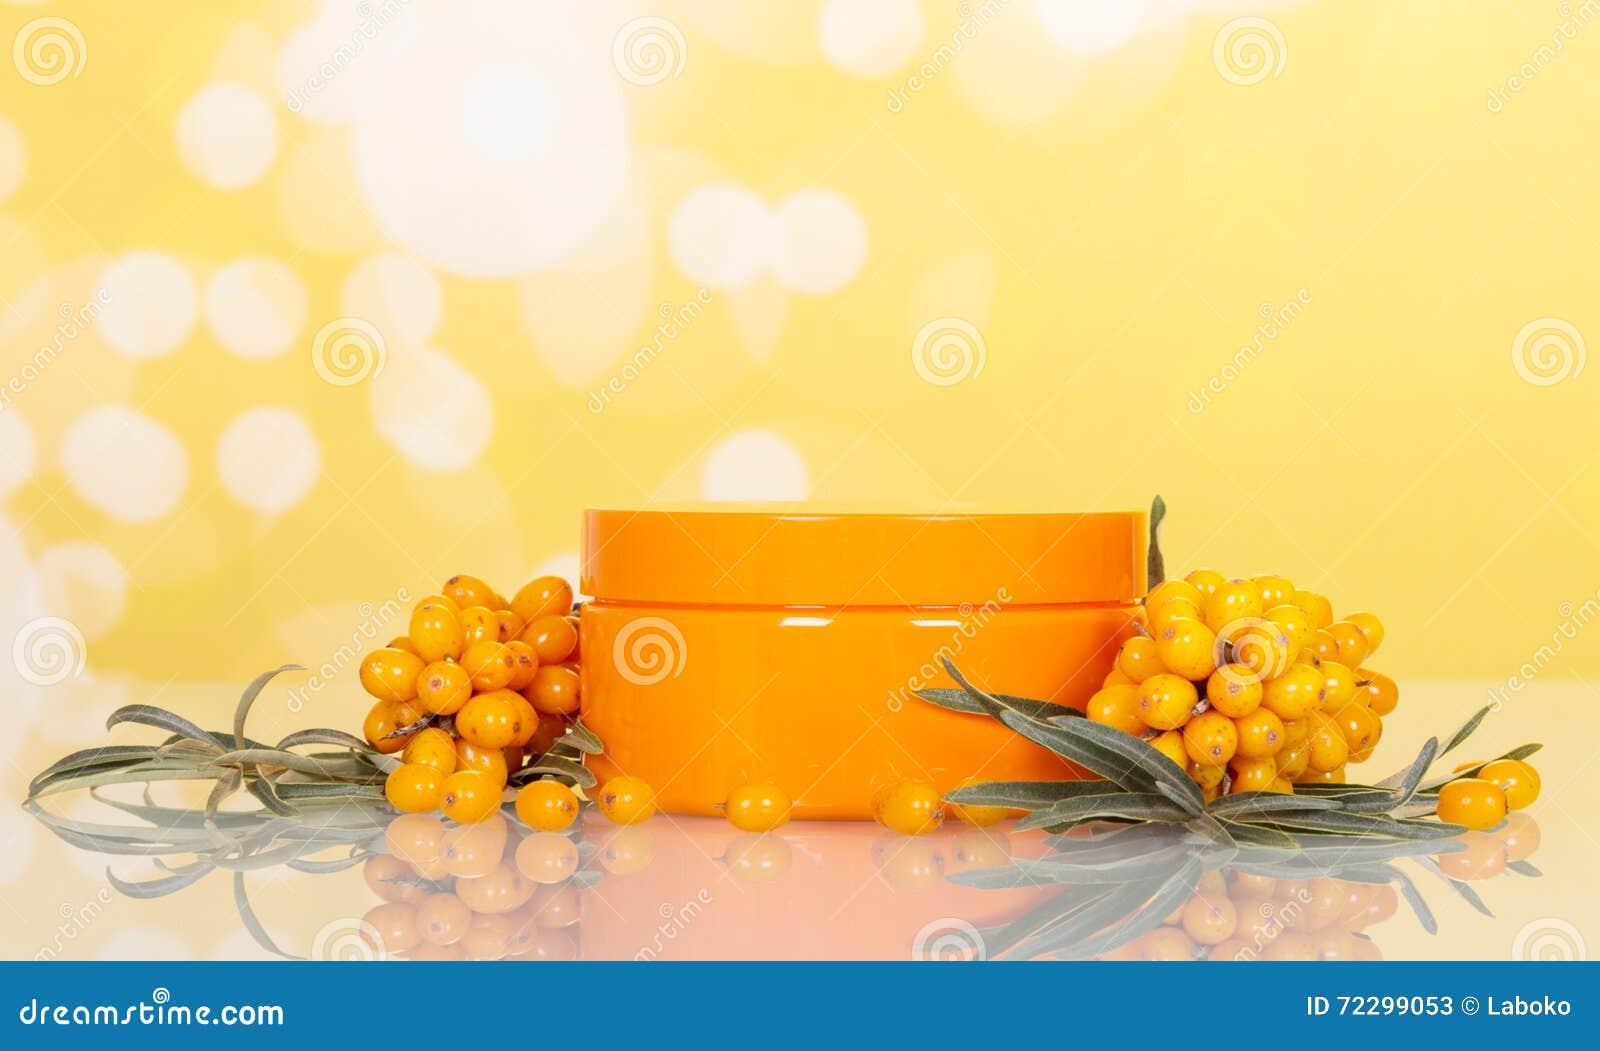 Download Крушина и опарник моря пуков с сливк на абстрактном желтом цвете Стоковое Изображение - изображение насчитывающей листья, внимательность: 72299053